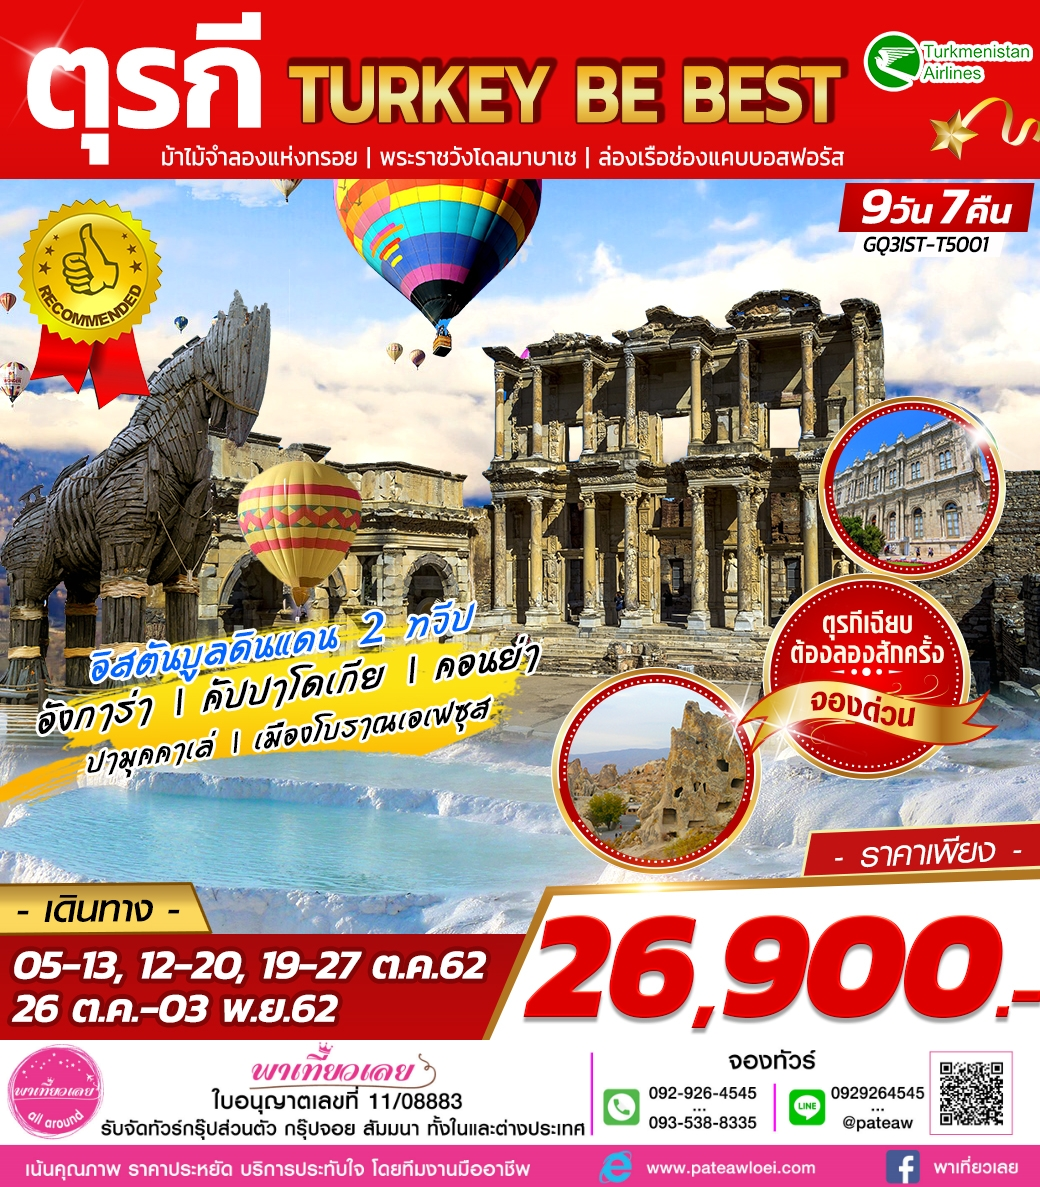 ตุรกี TURKEY BE BEST 9วัน 7คืน